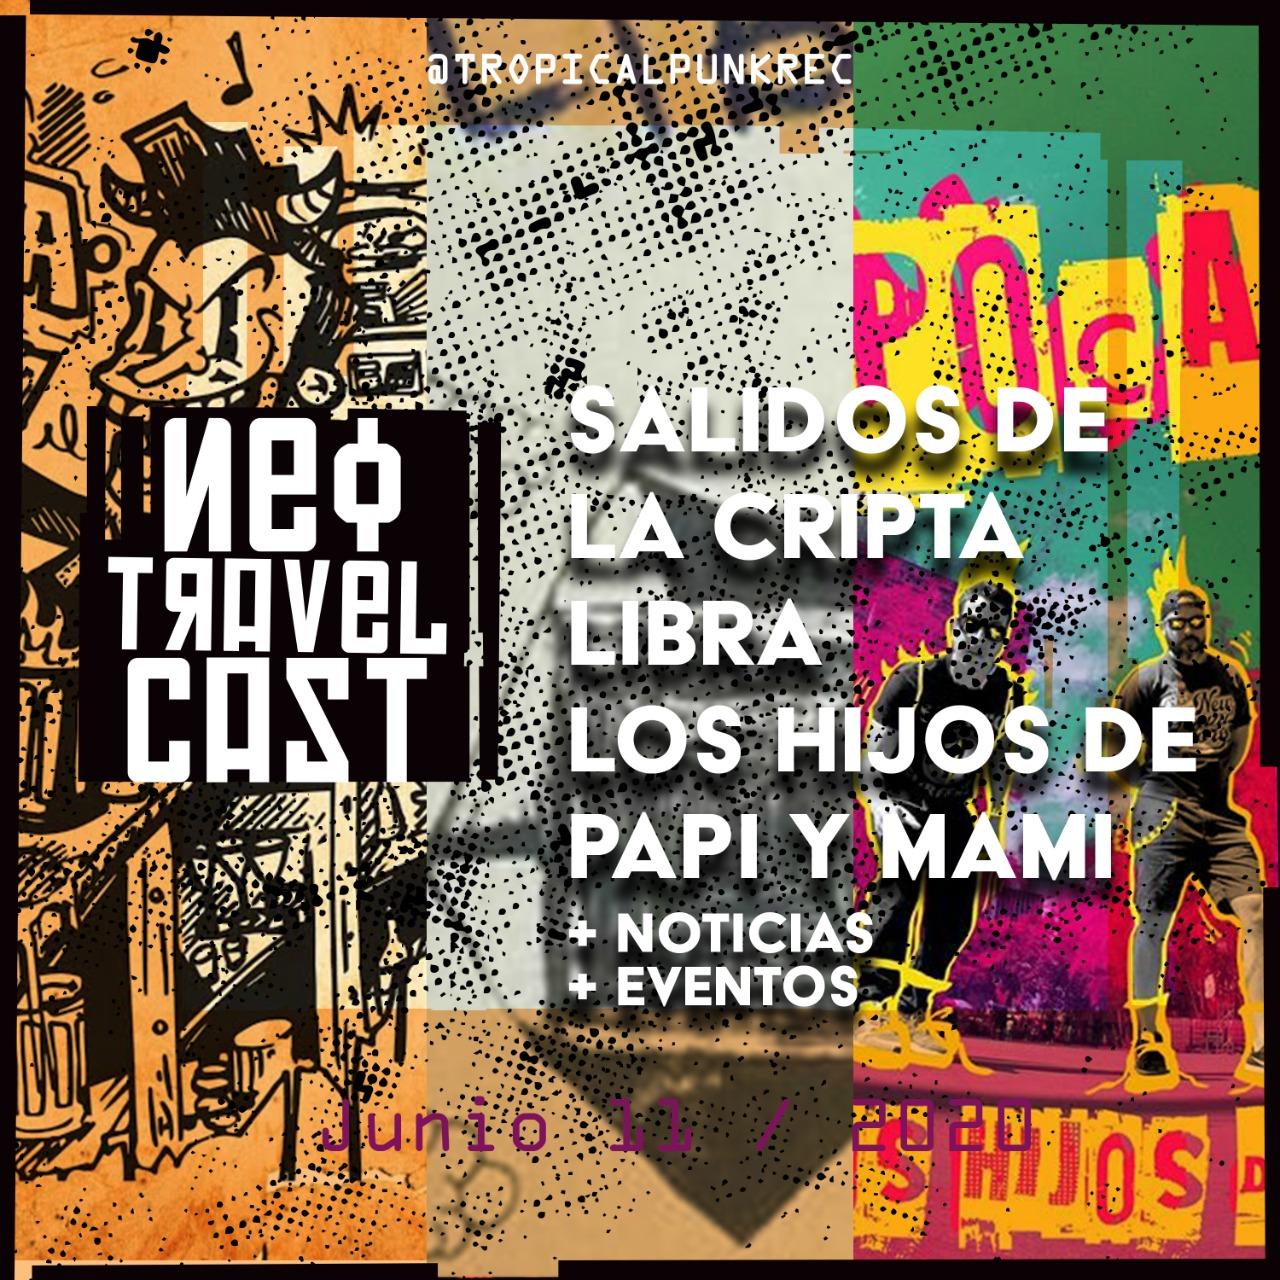 El Poste con Salidos De La Cripta, Libra y Los Hijos de Papi y Mami | ESPECIAL DE CUARENTENA (Semana 13)